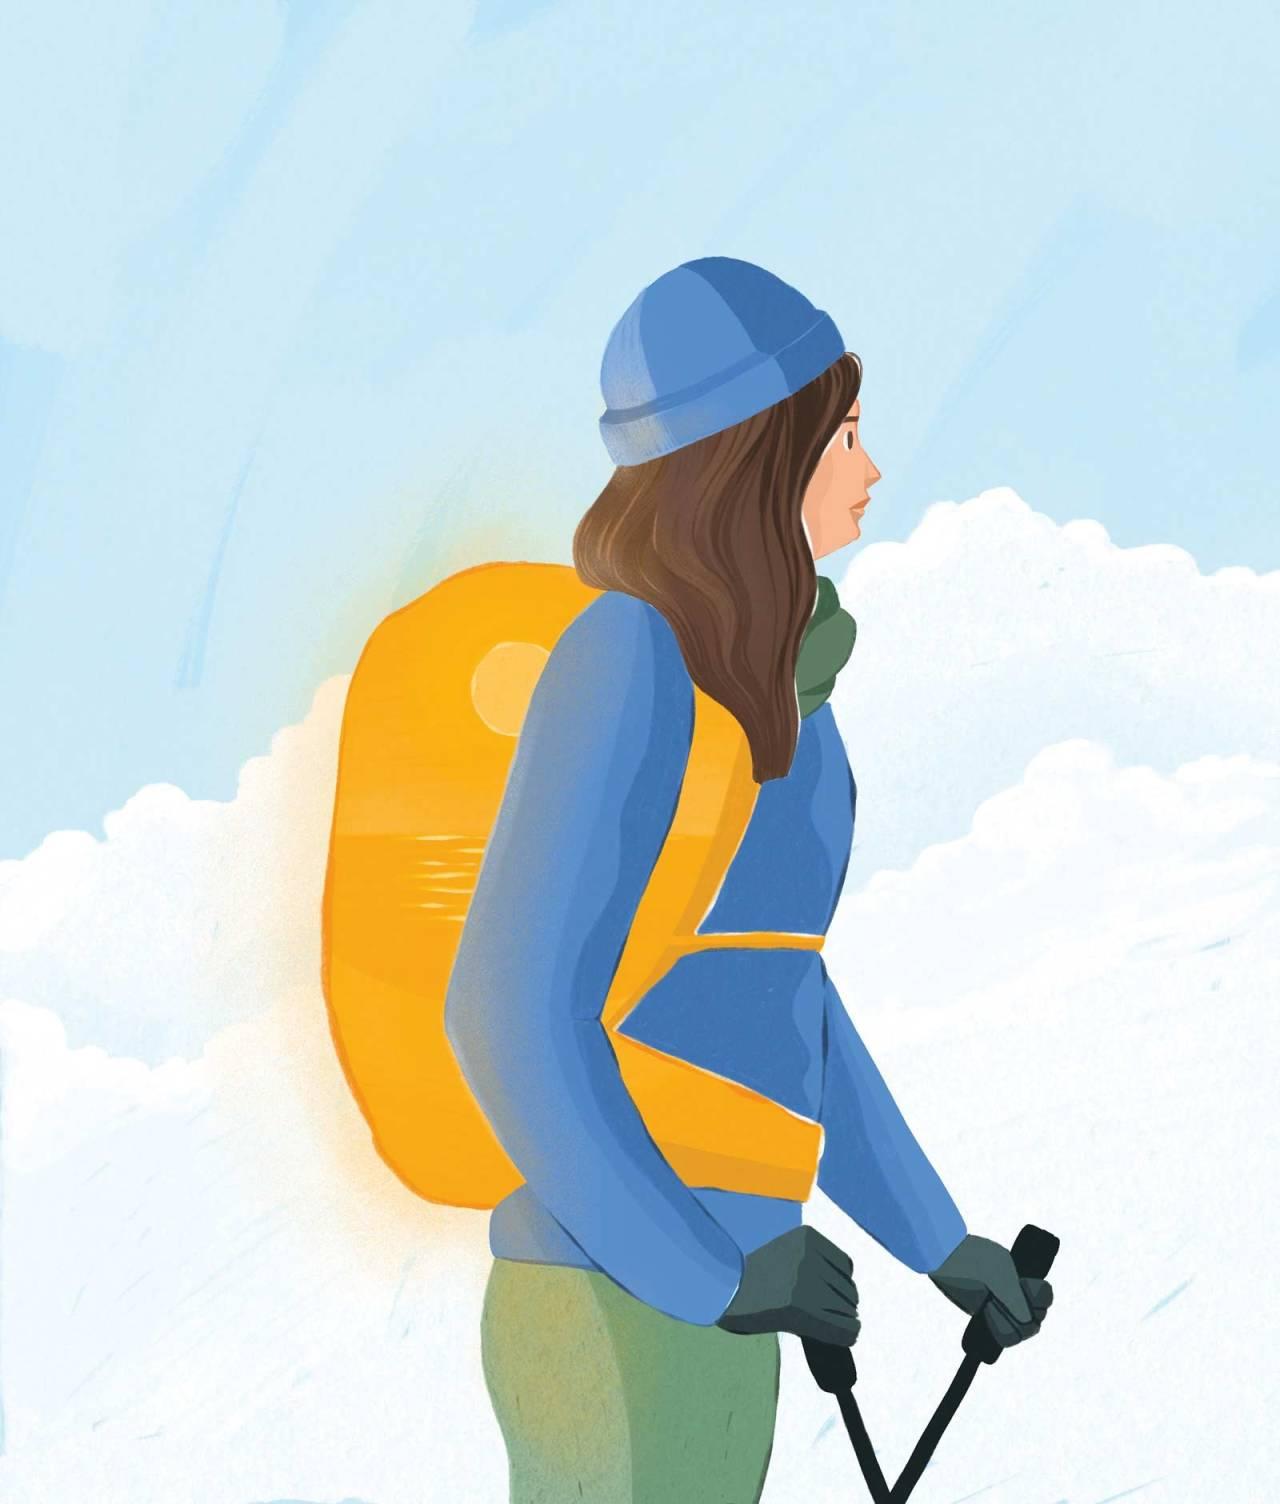 PARADIS: Stillheten jeg fikk ta del i på skituren, hadde aldri før vært så intens, og heller aldri så etterlengtet, skriver Maria Grøntjernet. Illustrasjon: Anne Vålaug